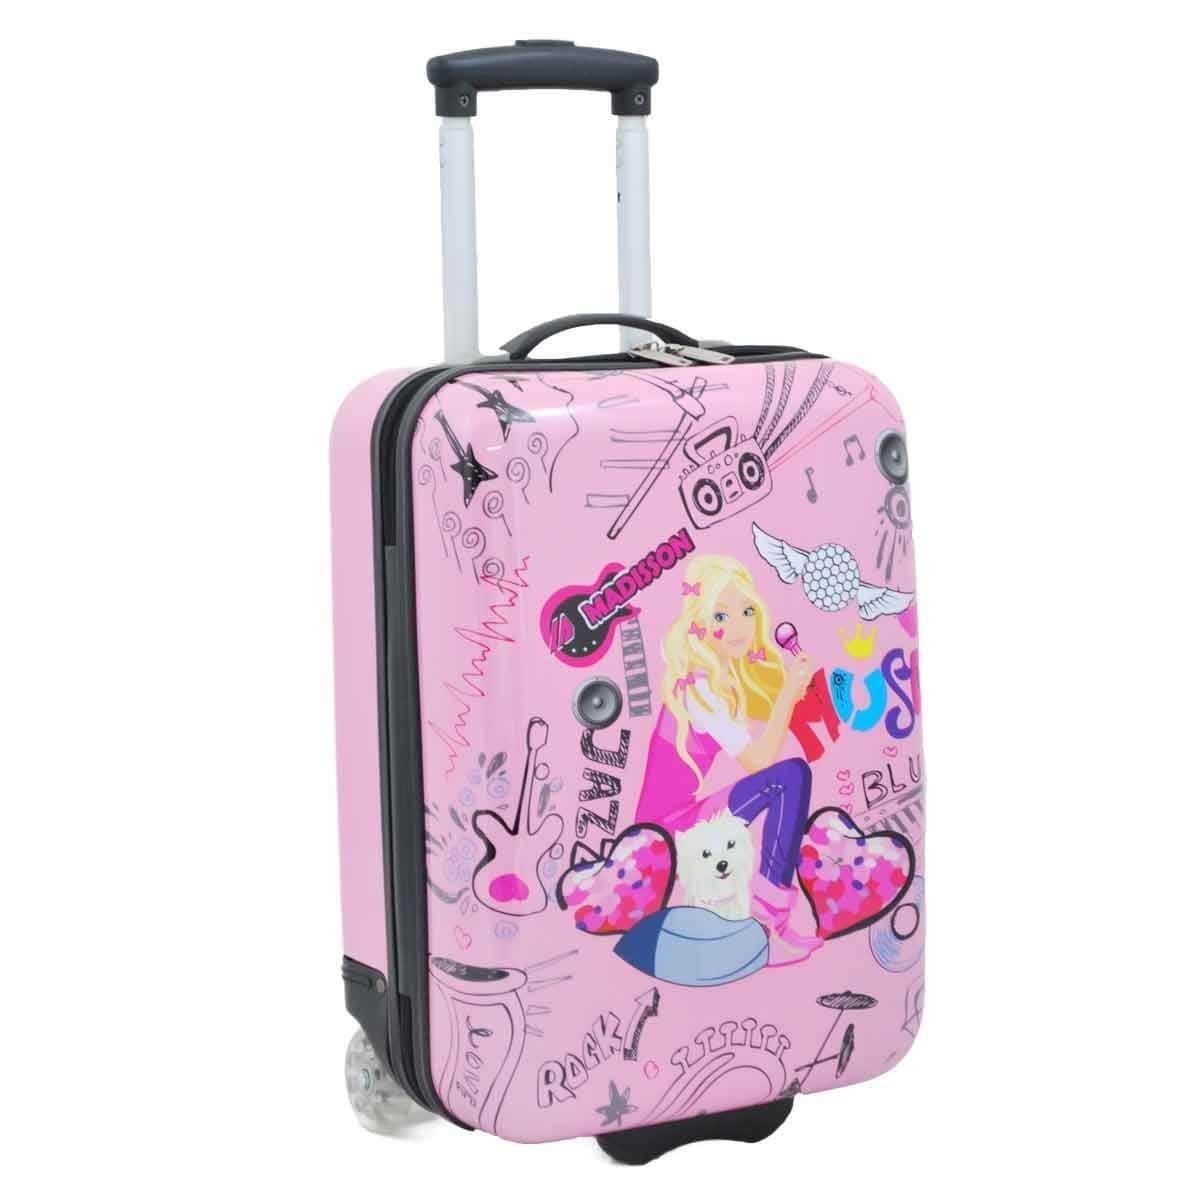 valise rose pour un voyage tr s chic cadeaux rose. Black Bedroom Furniture Sets. Home Design Ideas